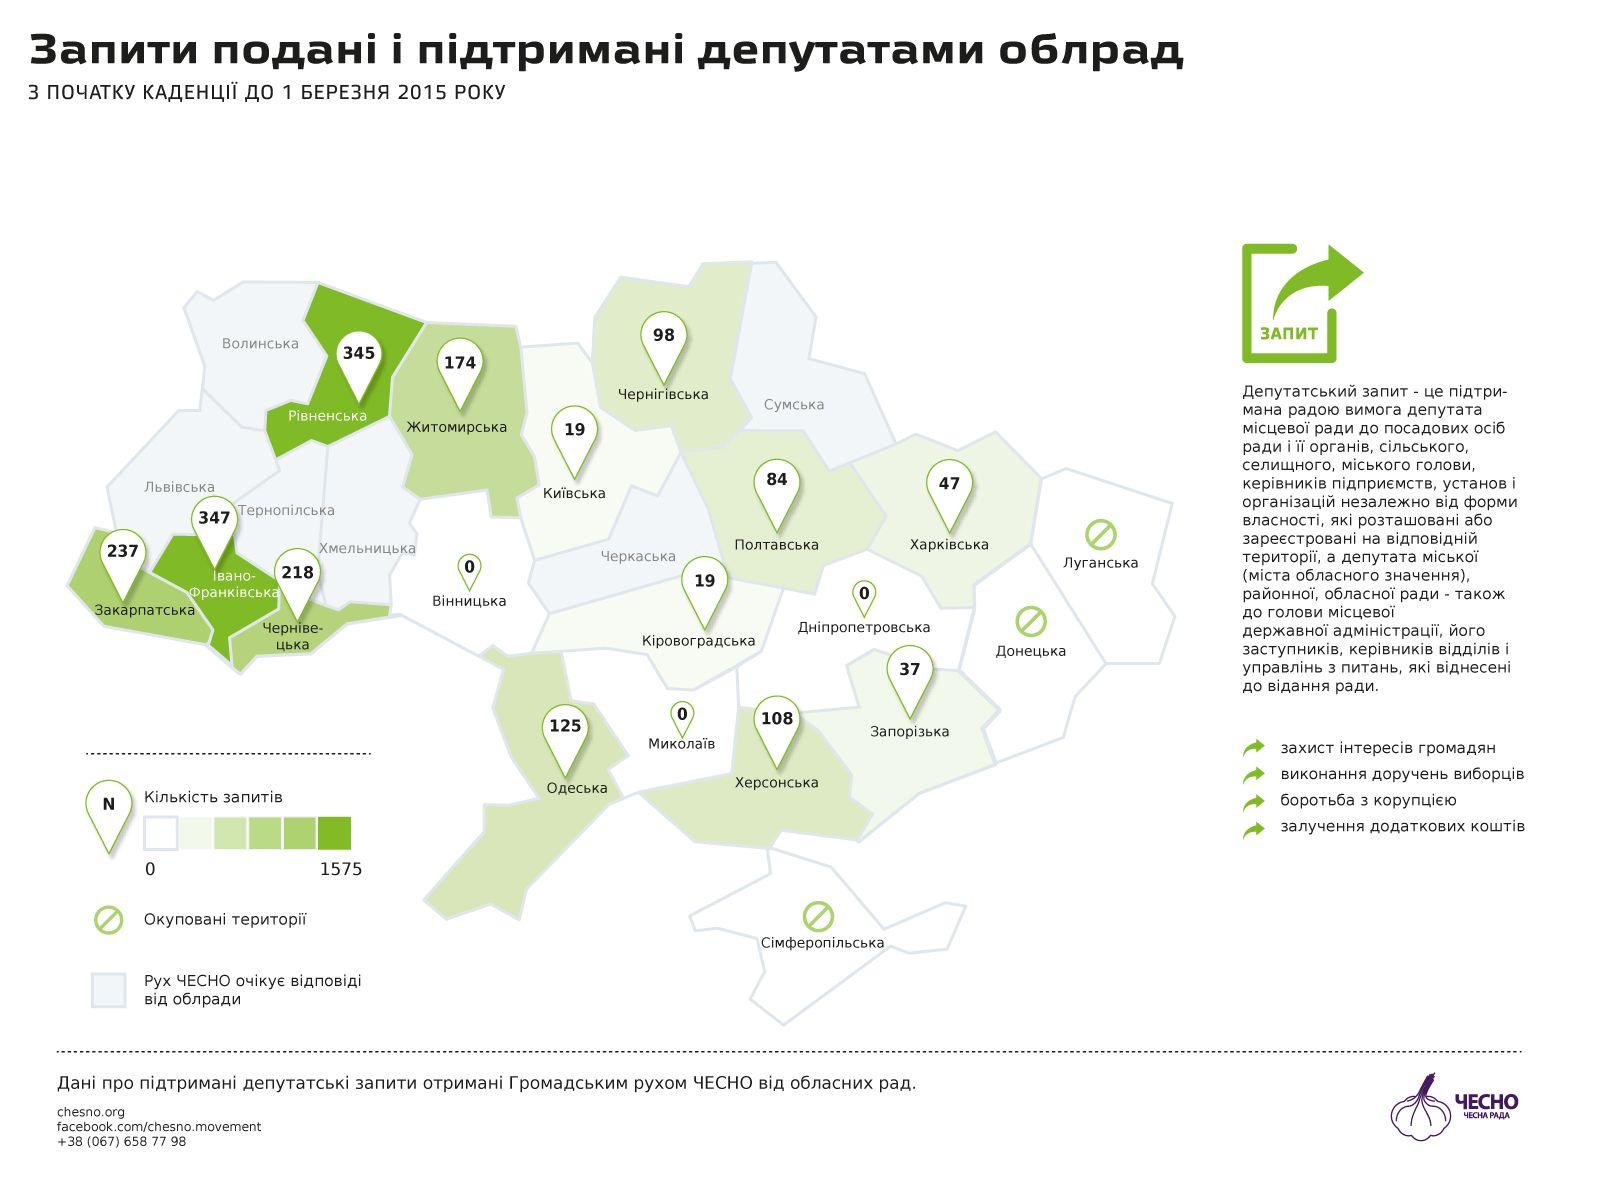 28 депутатів Рівненської облради за всю каденцію не подали жодного запиту (ІНФОГРАФІКА)